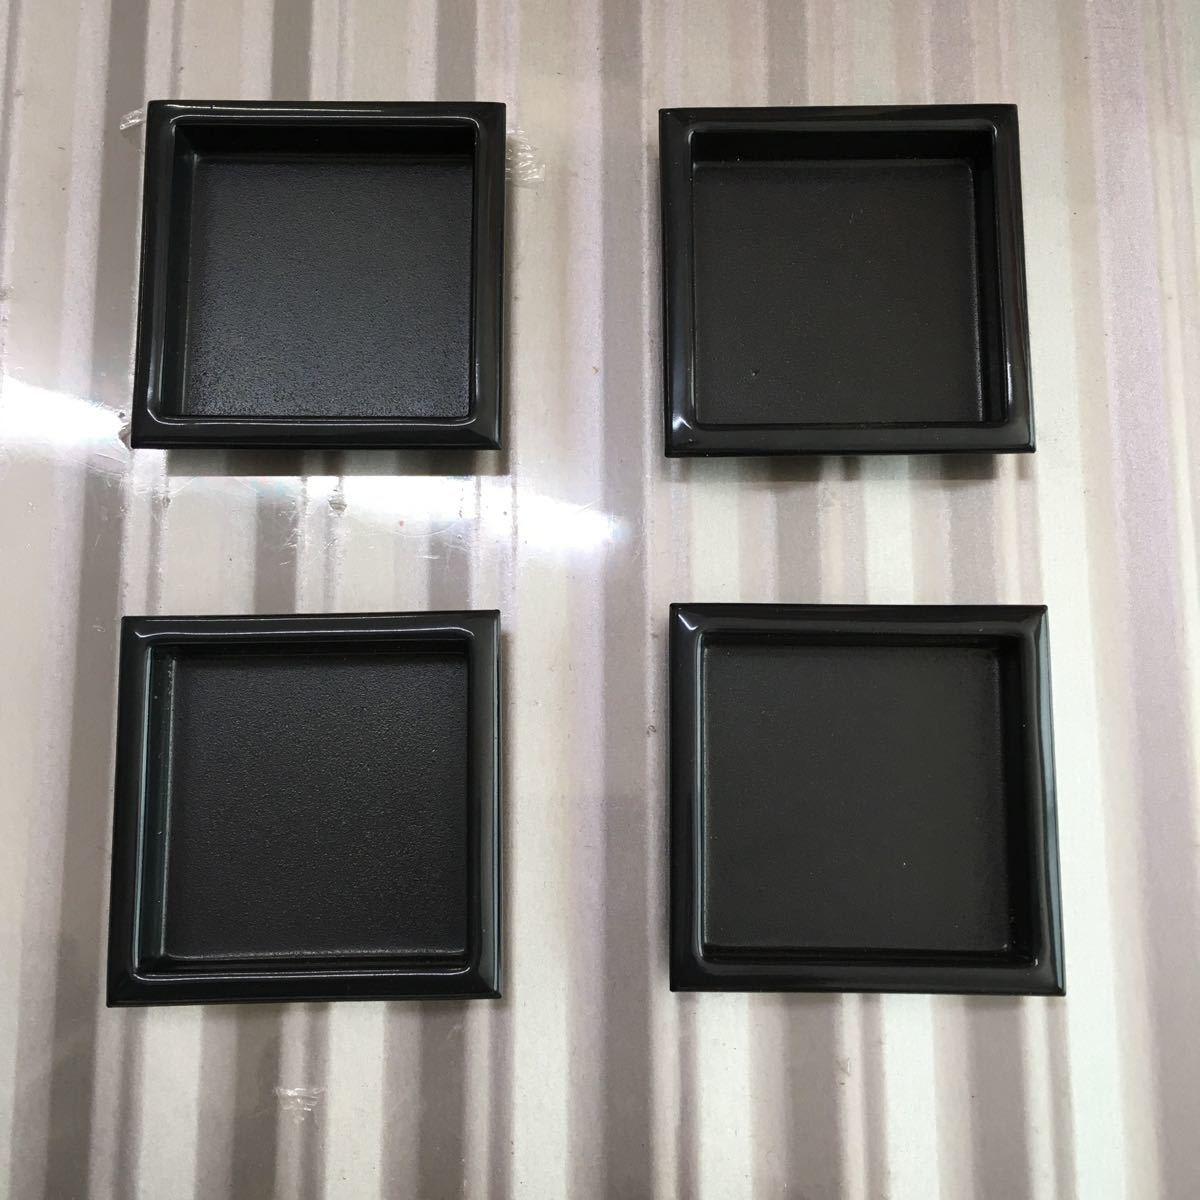 襖 引き手 真鍮 四方角 4個セット 44㍉×44㍉ 引手 定形外郵便発送可